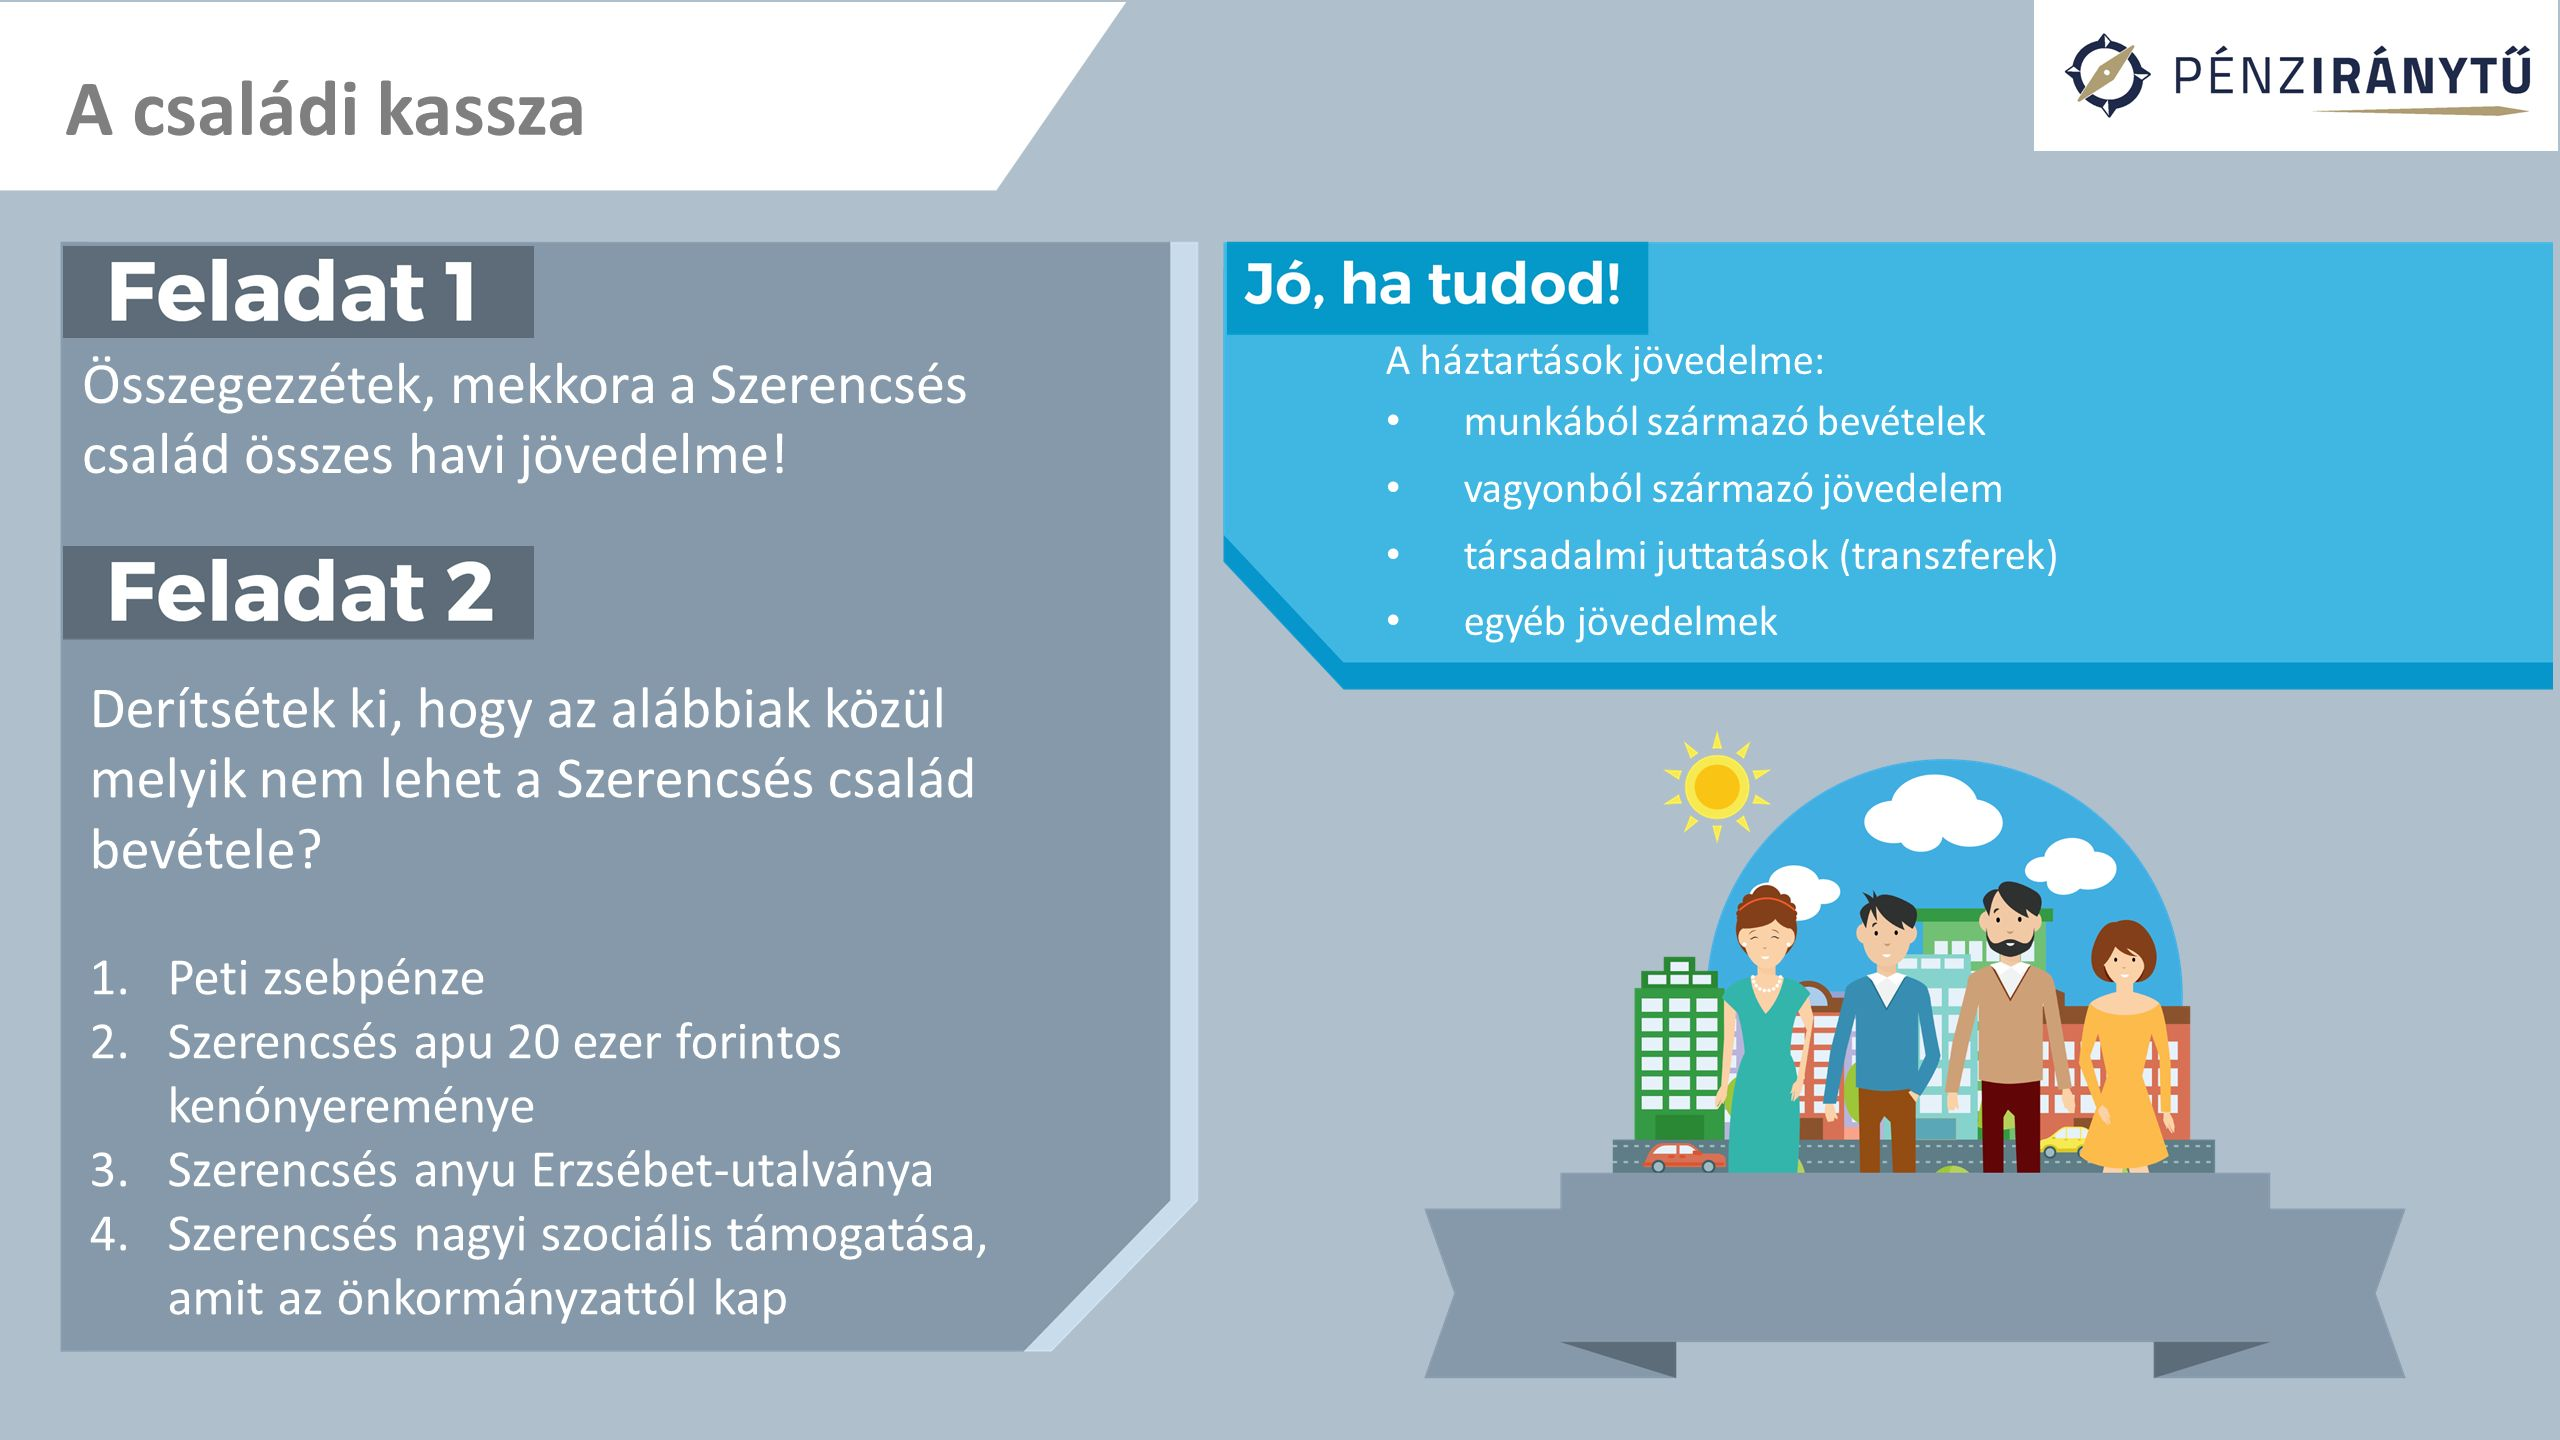 A családi kassza A háztartások jövedelme: munkából származó bevételek vagyonból származó jövedelem társadalmi juttatások (transzferek) egyéb jövedelme